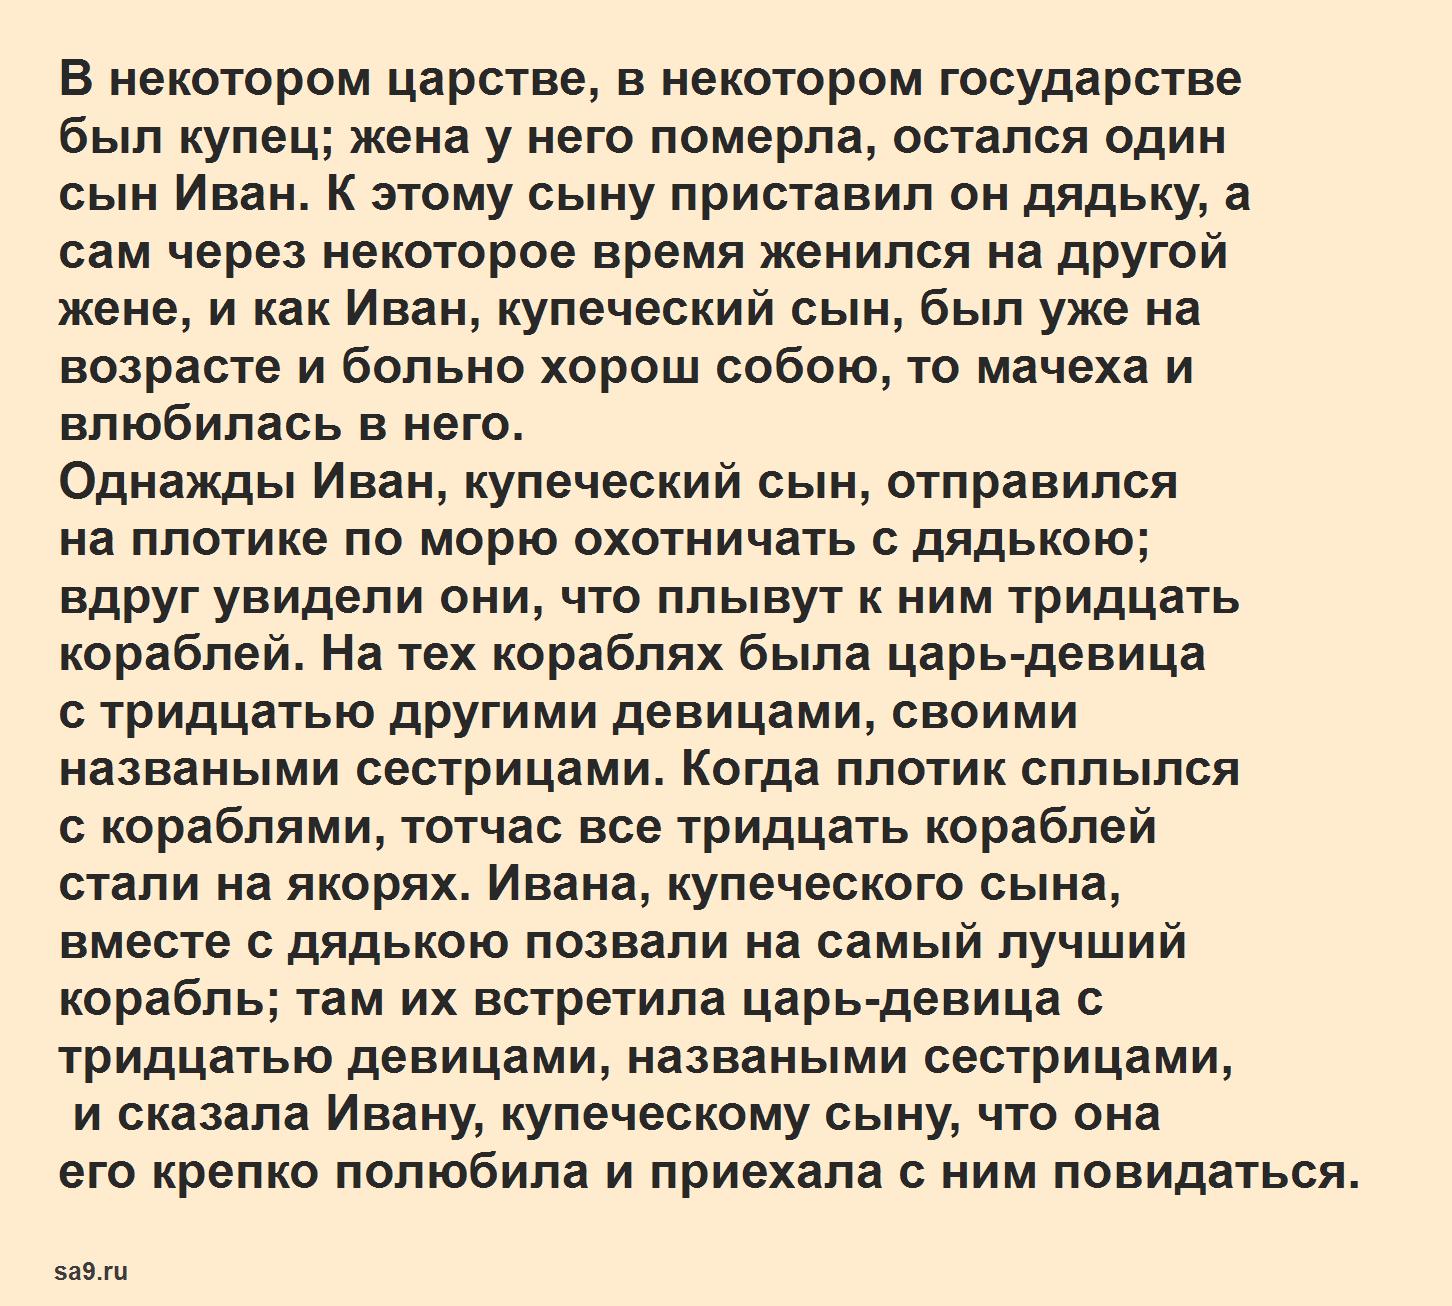 Царь девица - русская народная сказка